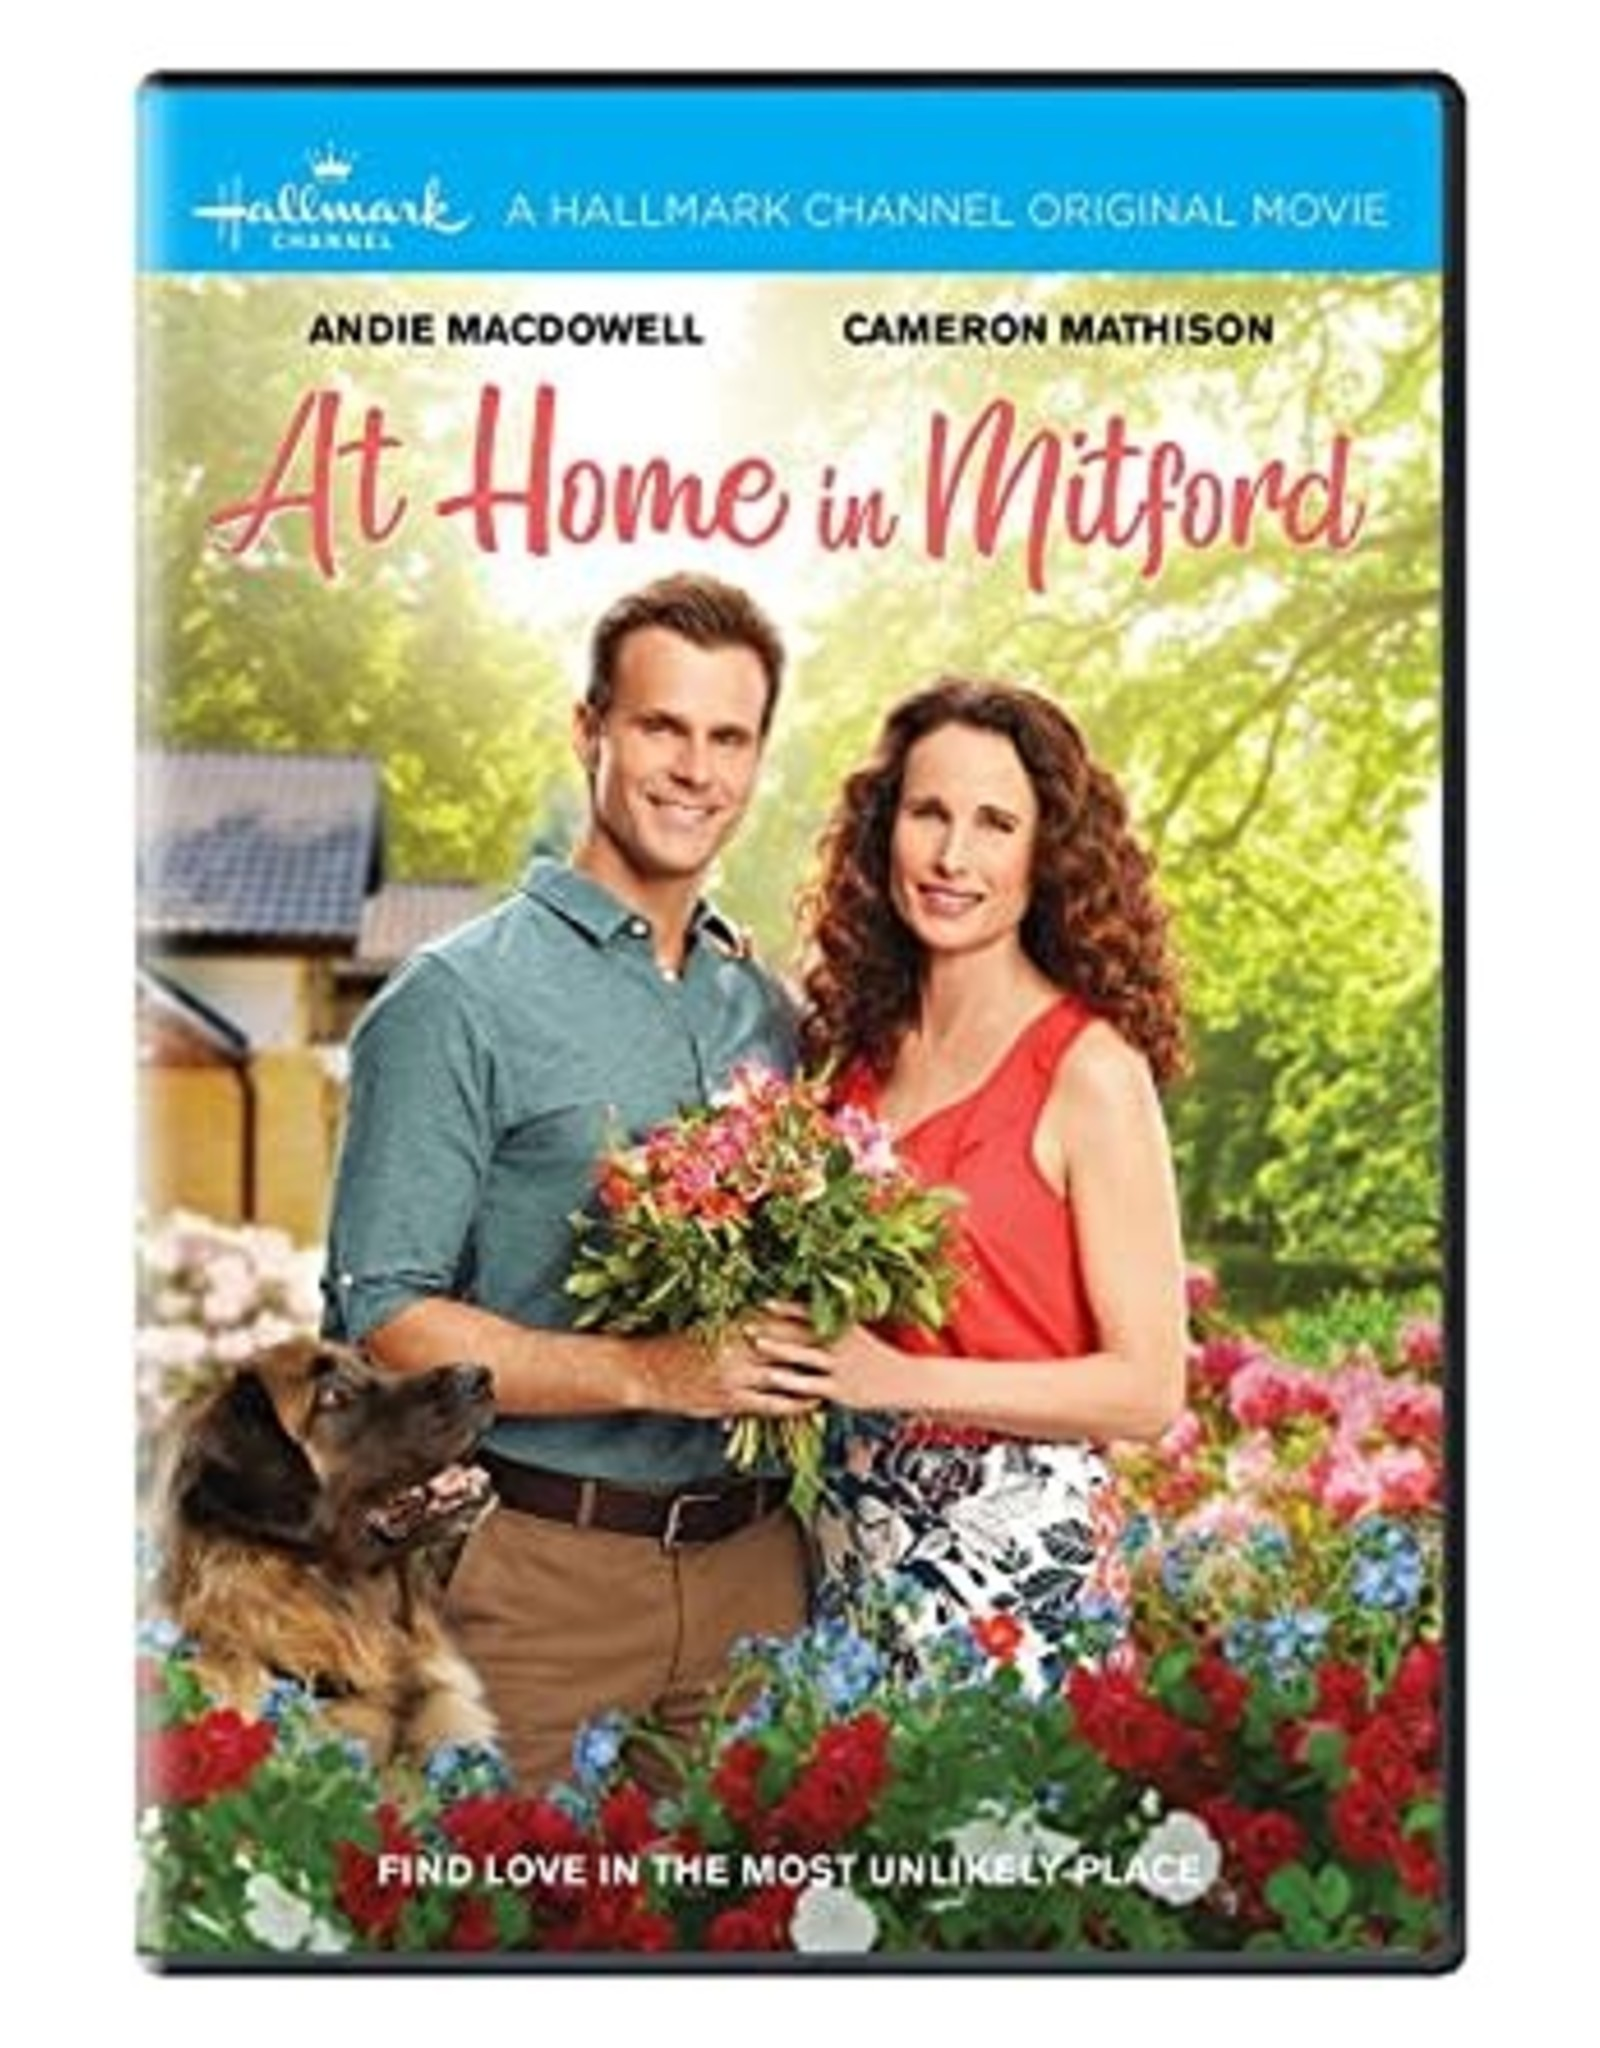 Hallmark Original At Home in Mitford: A Hallmark Channel Original Movie (DVD)